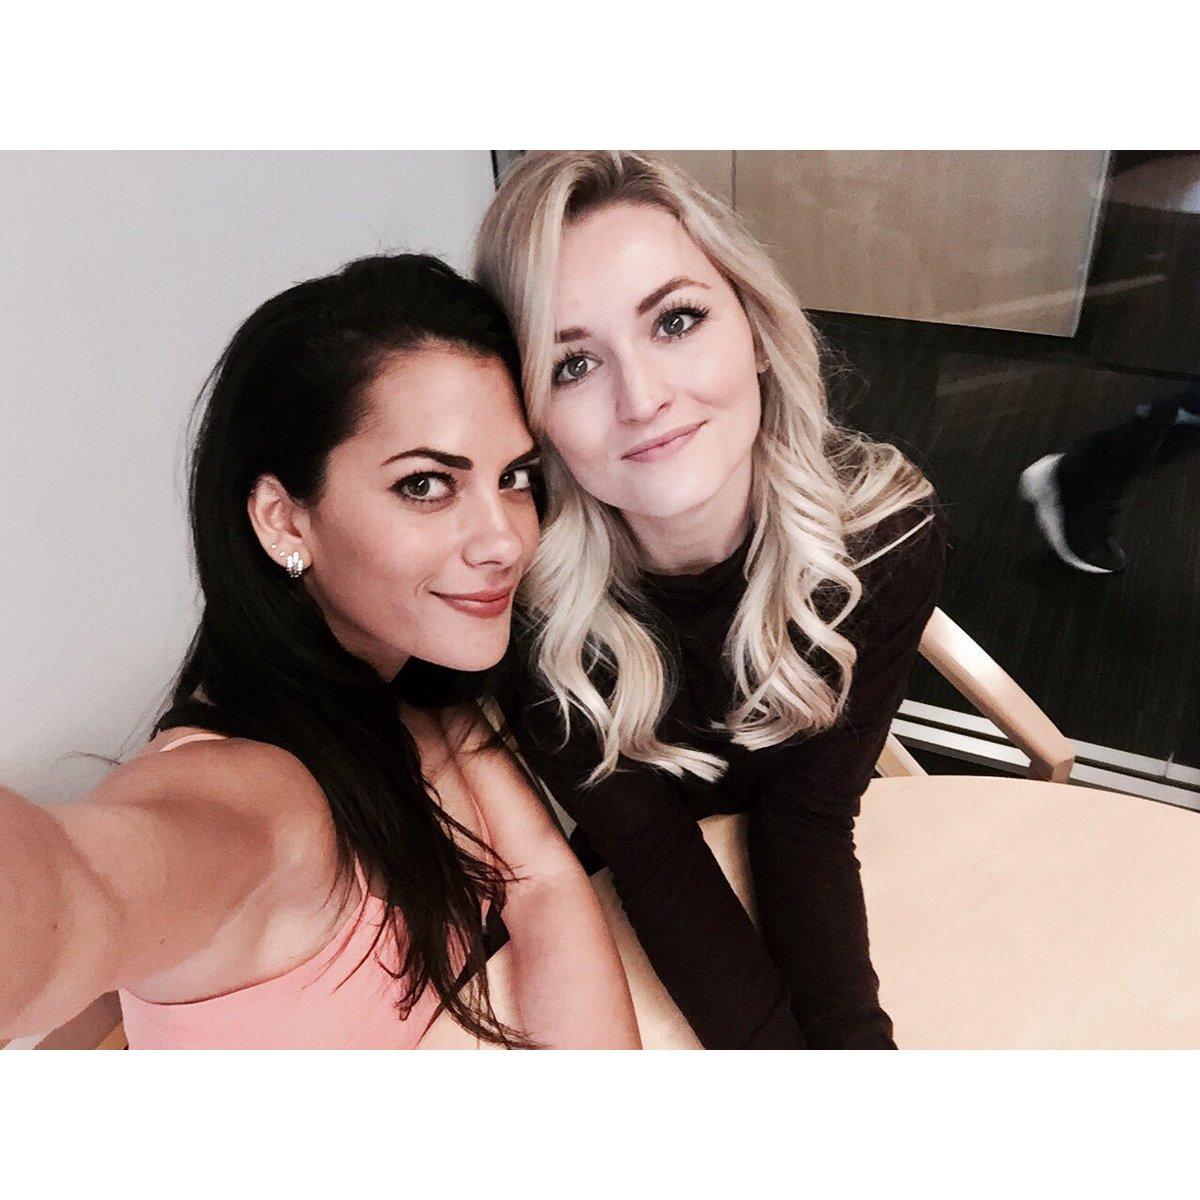 Selfie Inbar Lavi nude photos 2019